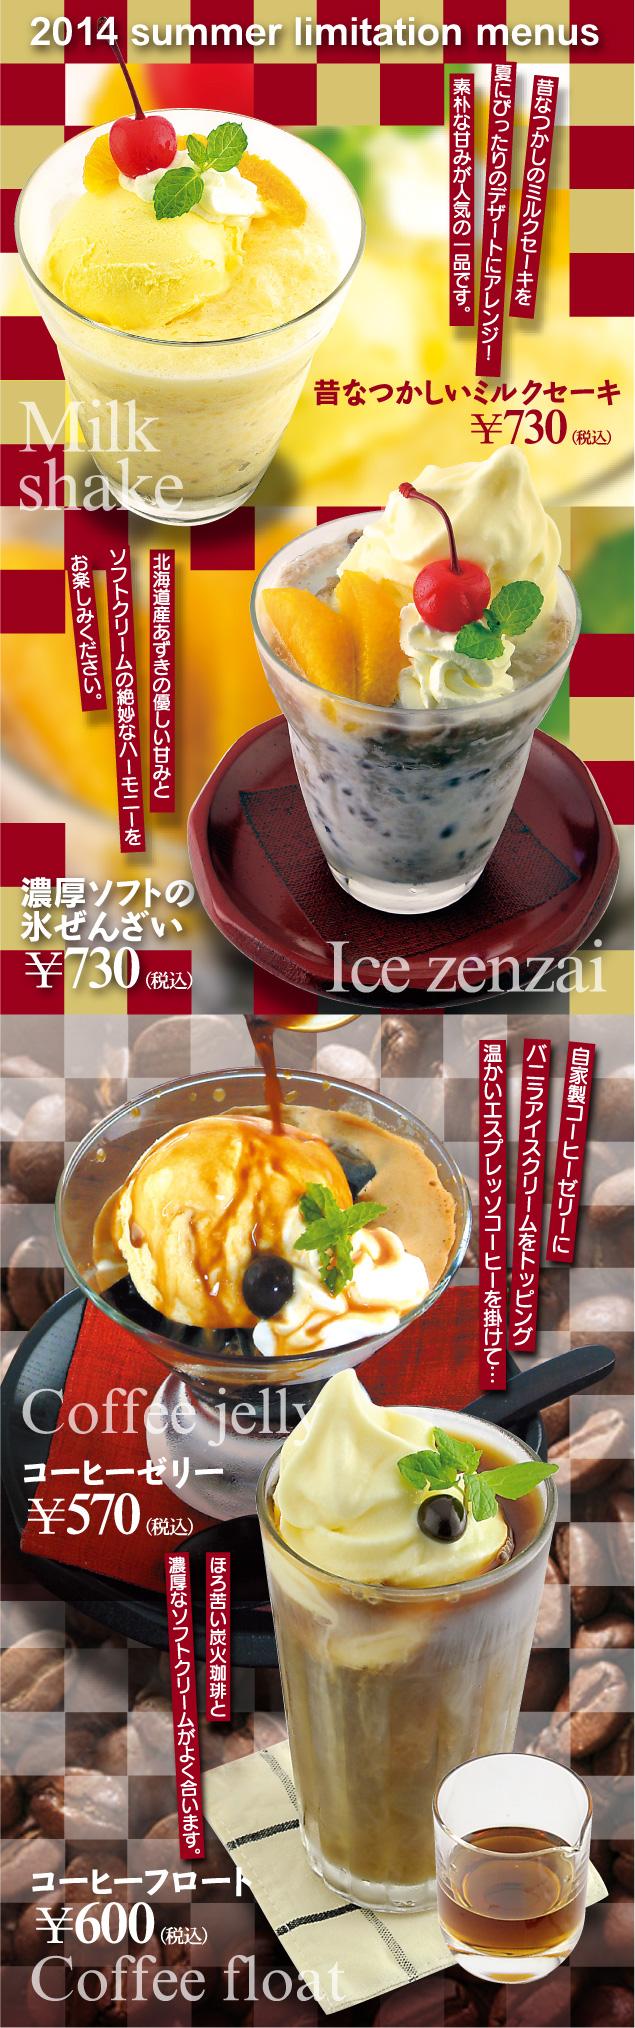 piton-menu-2014smr(mzo).jpg